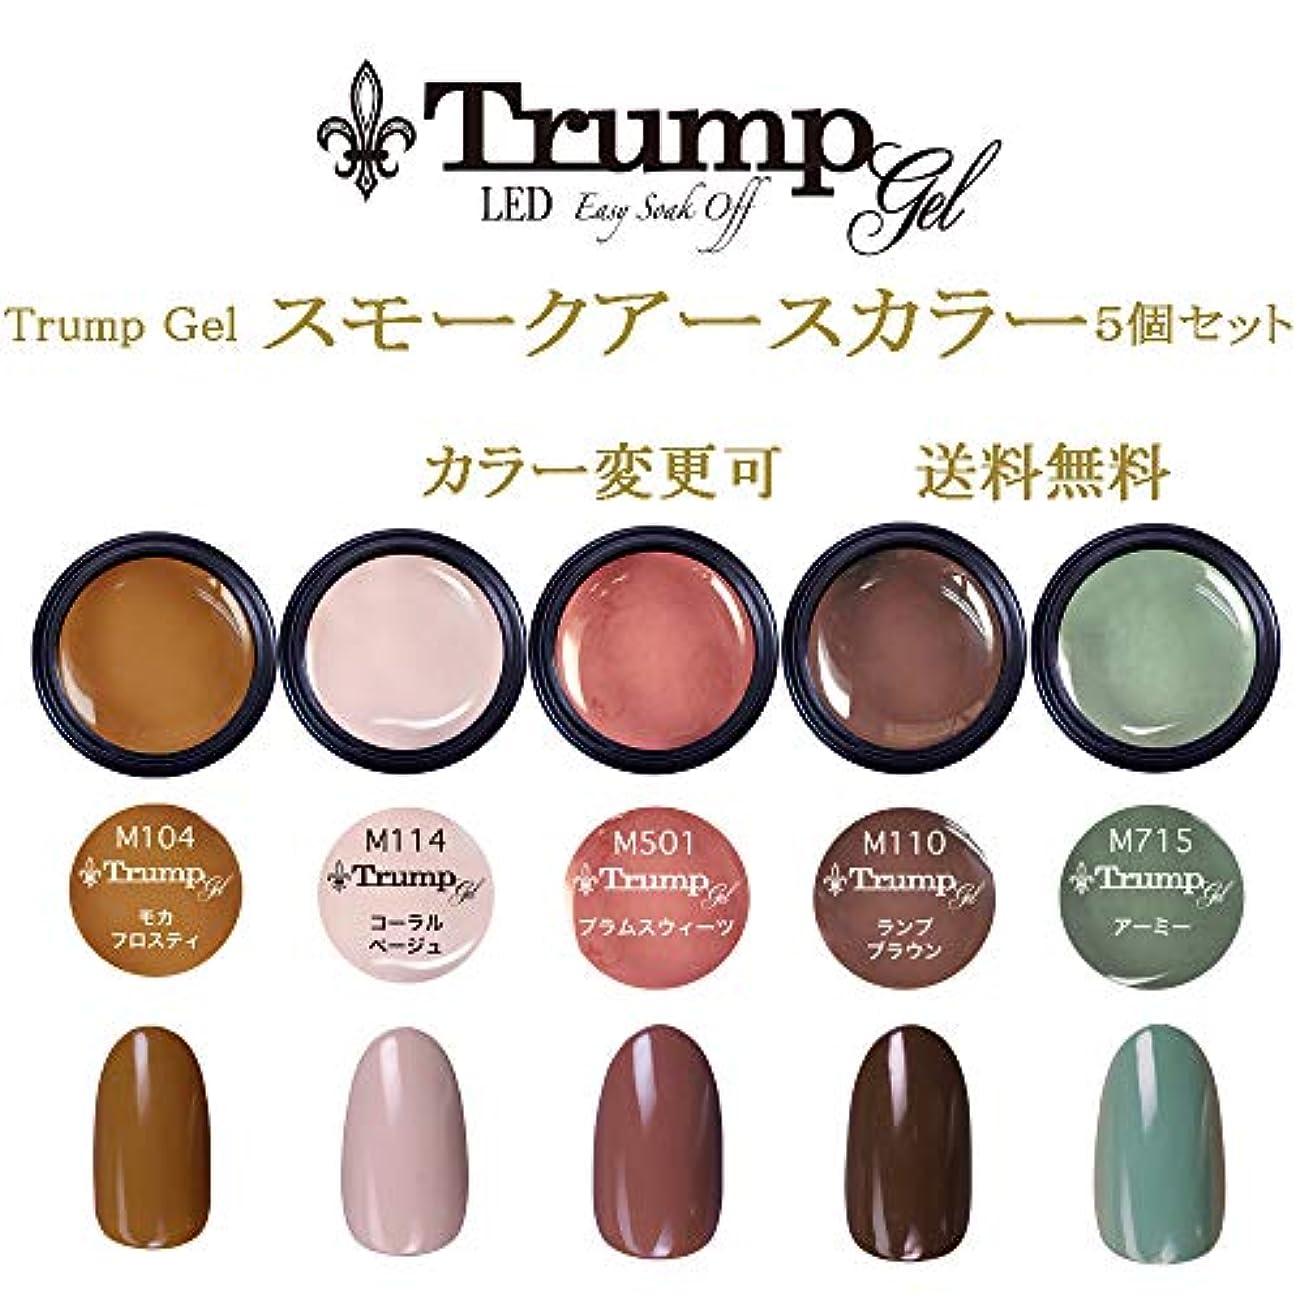 道を作る解任雄弁な【送料無料】日本製 Trump gel トランプジェル スモークアース 選べる カラージェル 5個セット スモーキー アースカラー ベージュ ブラウン マスタード カーキ カラー